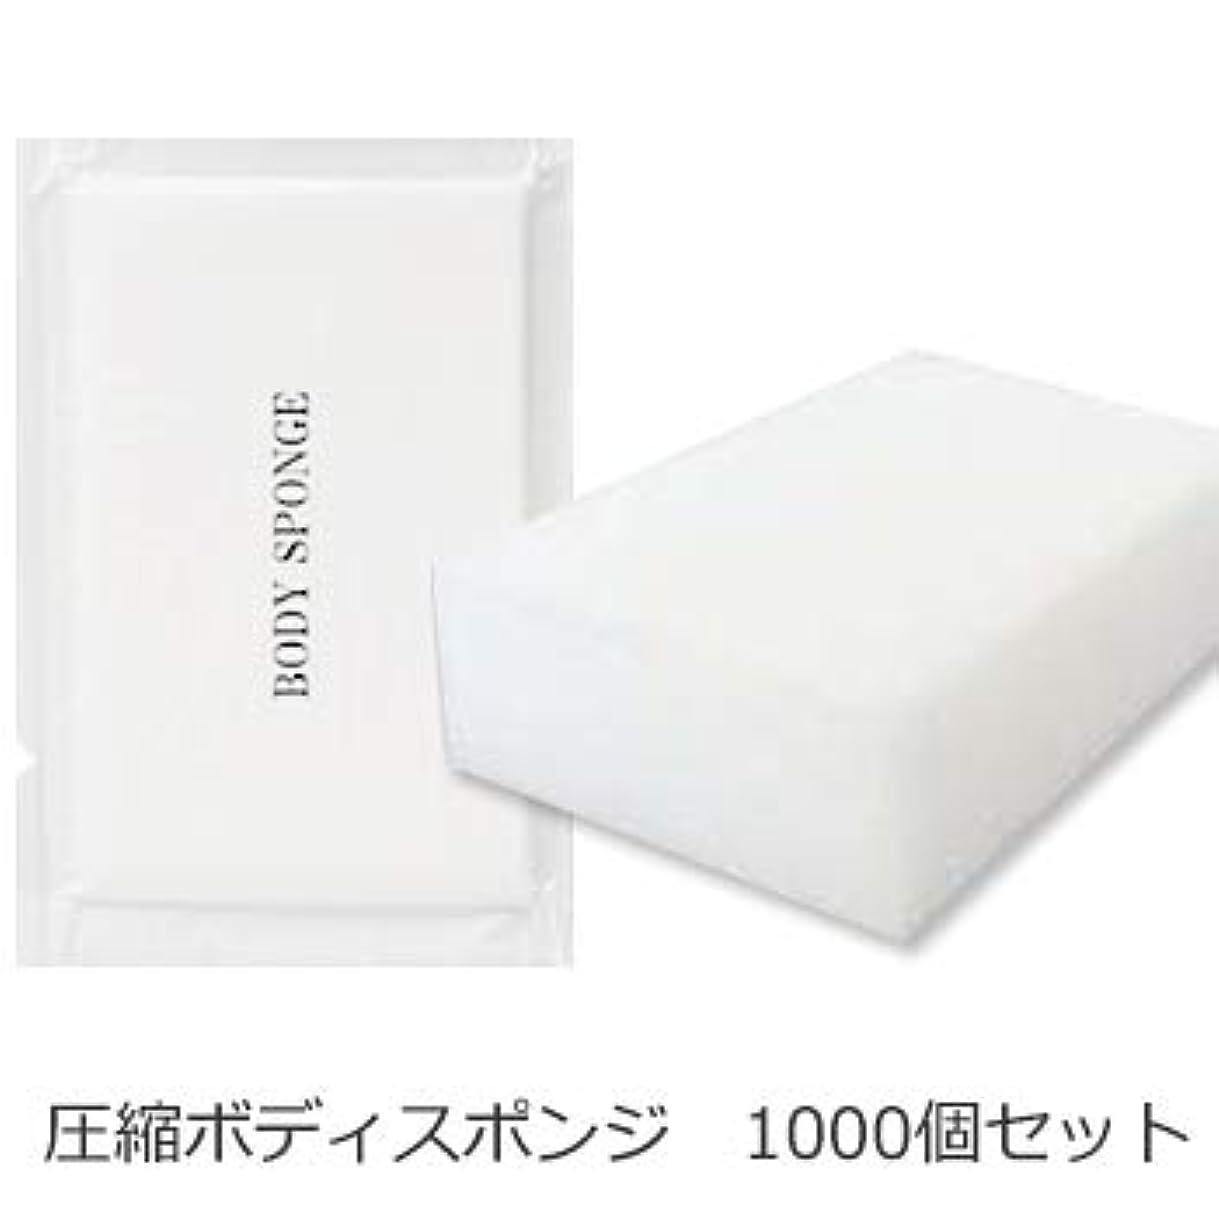 囚人下向き食料品店ボディスポンジ 海綿タイプ 厚み 30mm (1セット1000個入)1個当り11円税別